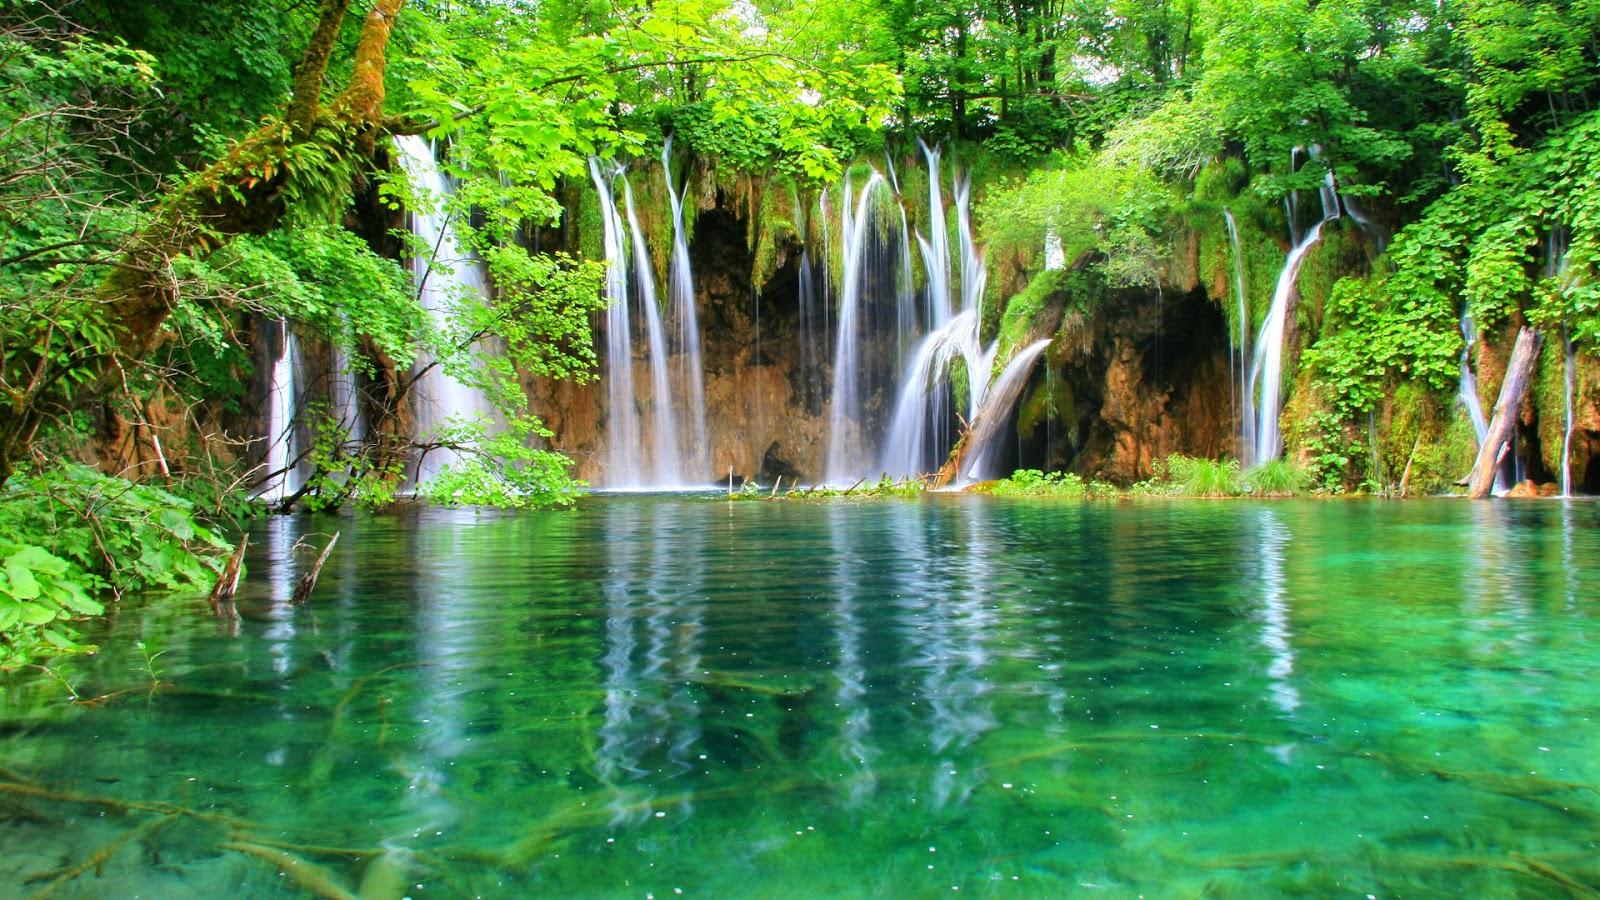 Natuur wallpaper met watervallen in een bos